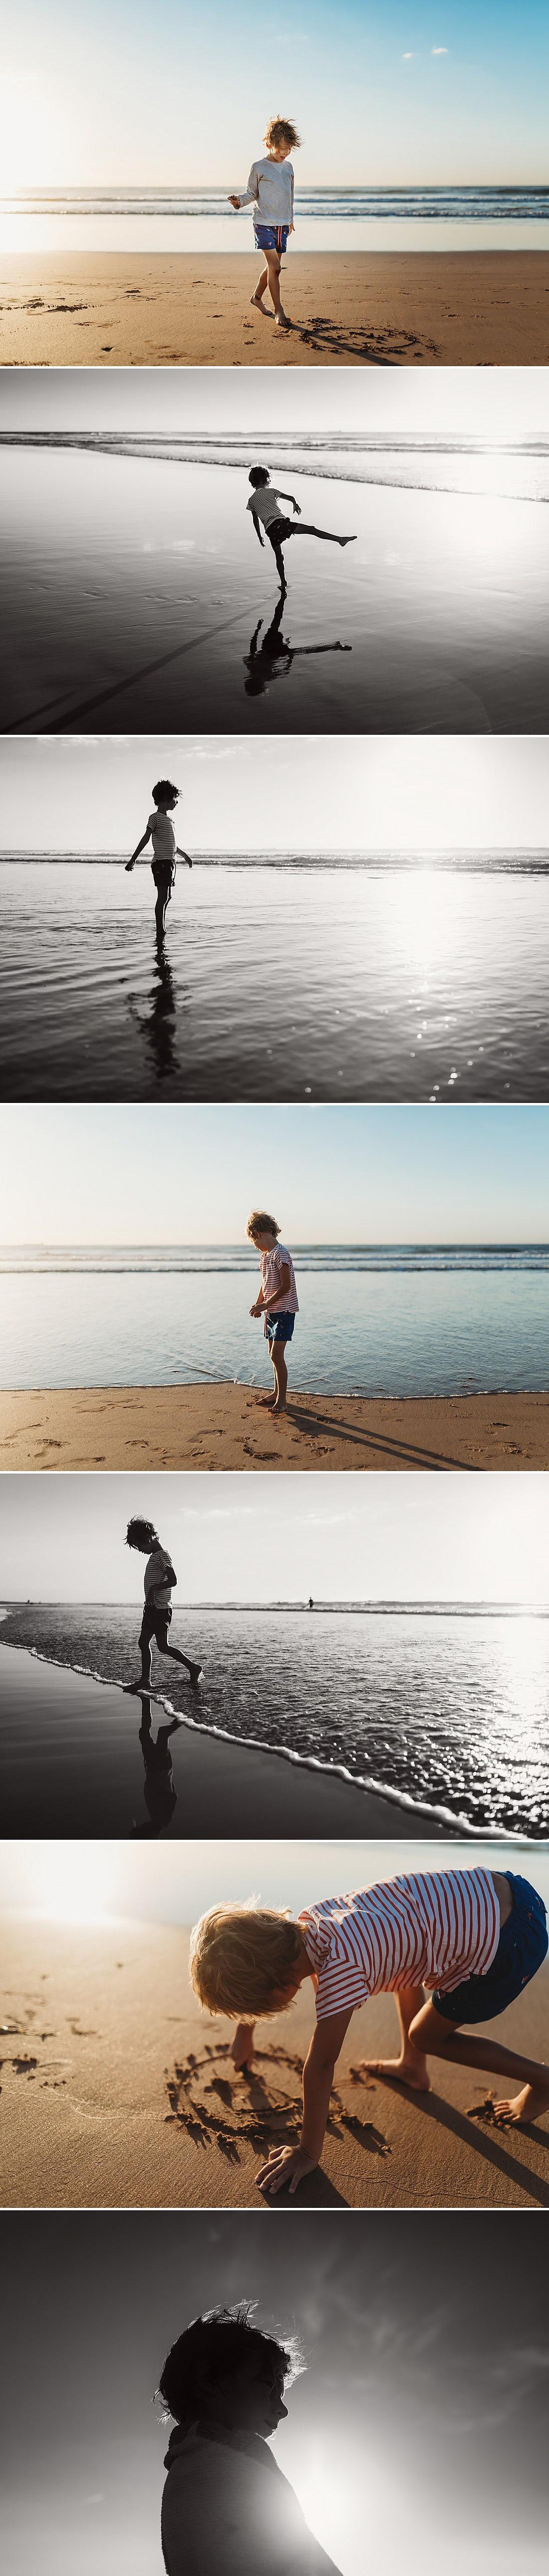 Beach-family-photography-sunrise-sutherland-shire-sydney